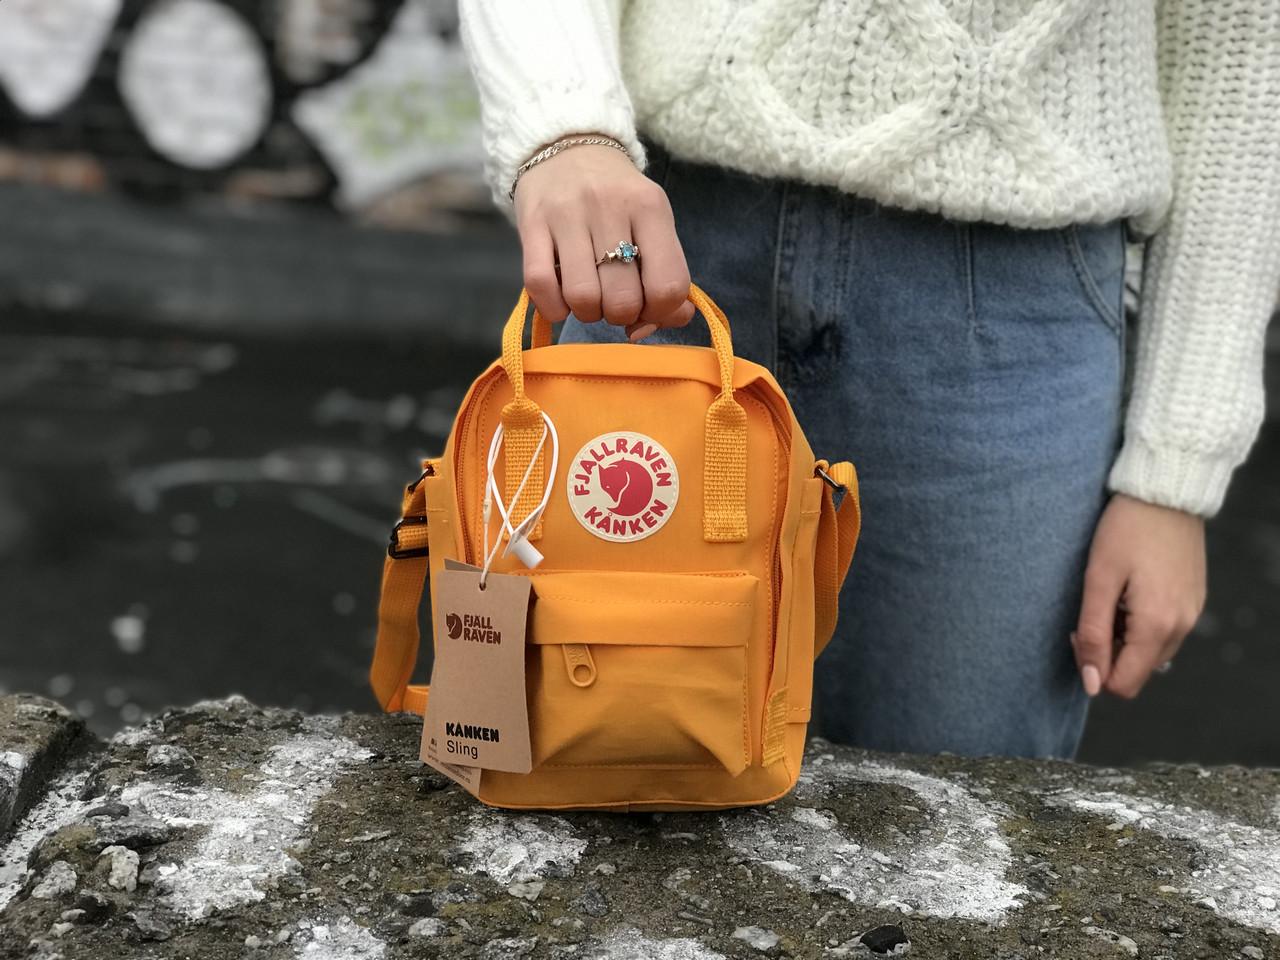 Женская сумка-рюкзак Kanken c плечевым ремнем, рыжая